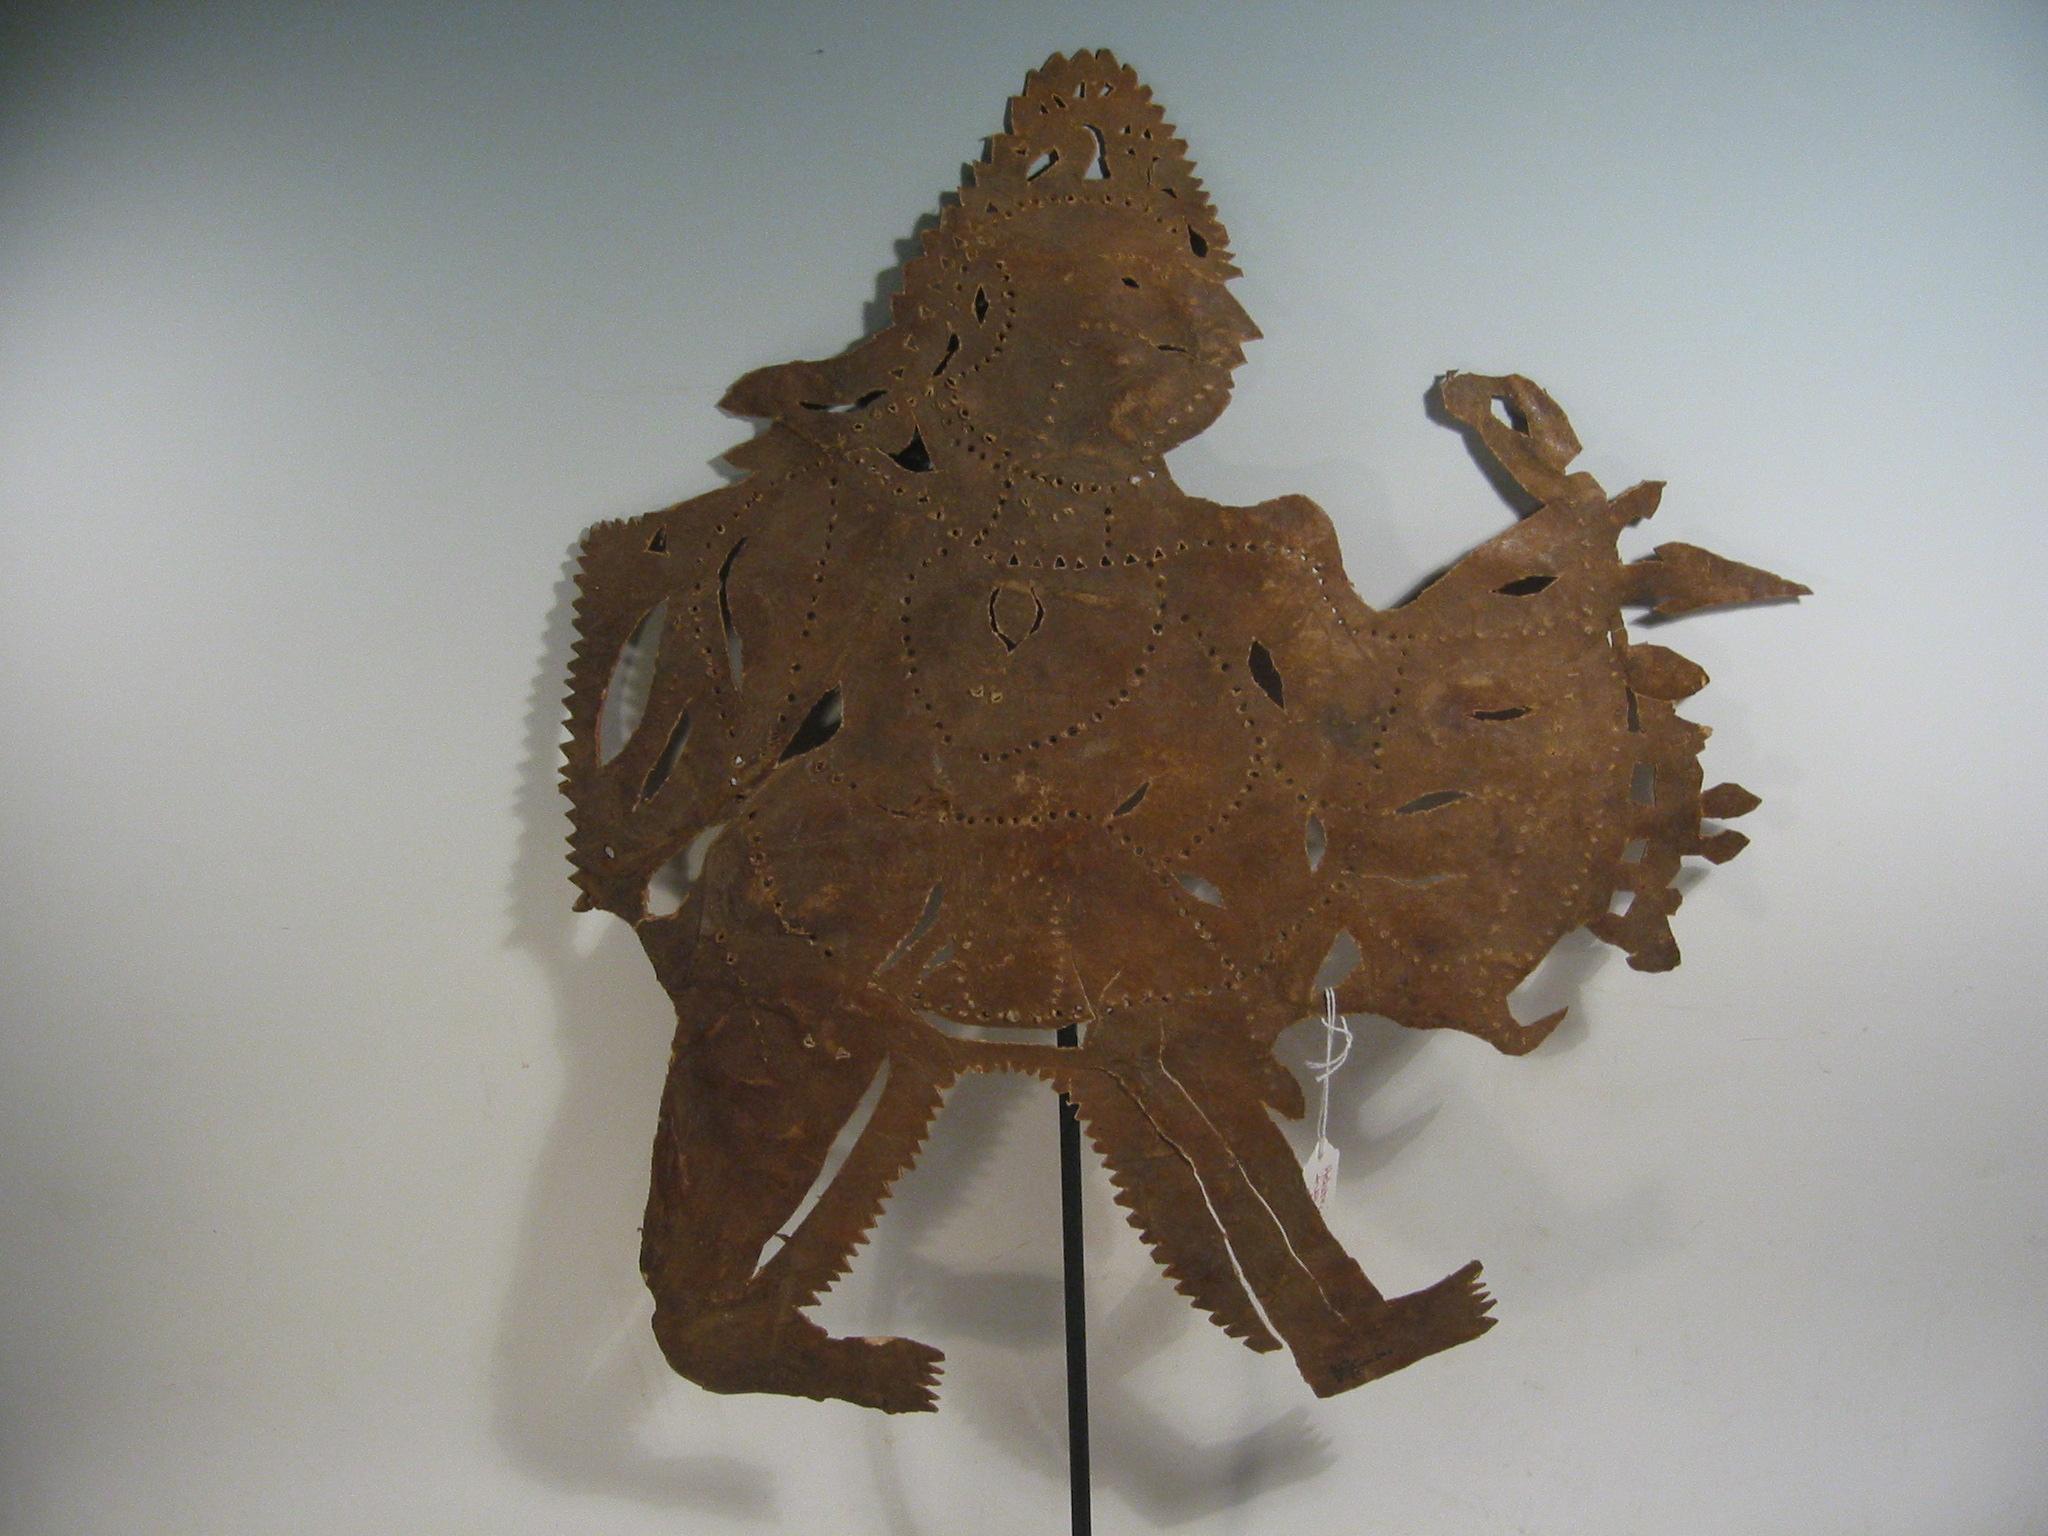 Râma, une figure d'ombre, ravanachhaya, d'<em>Or</em>issa (Odisha) en Inde, hauteur : 56 cm. Collection : Center for Puppetry Arts (Atlanta, Géorgie, États-Unis)